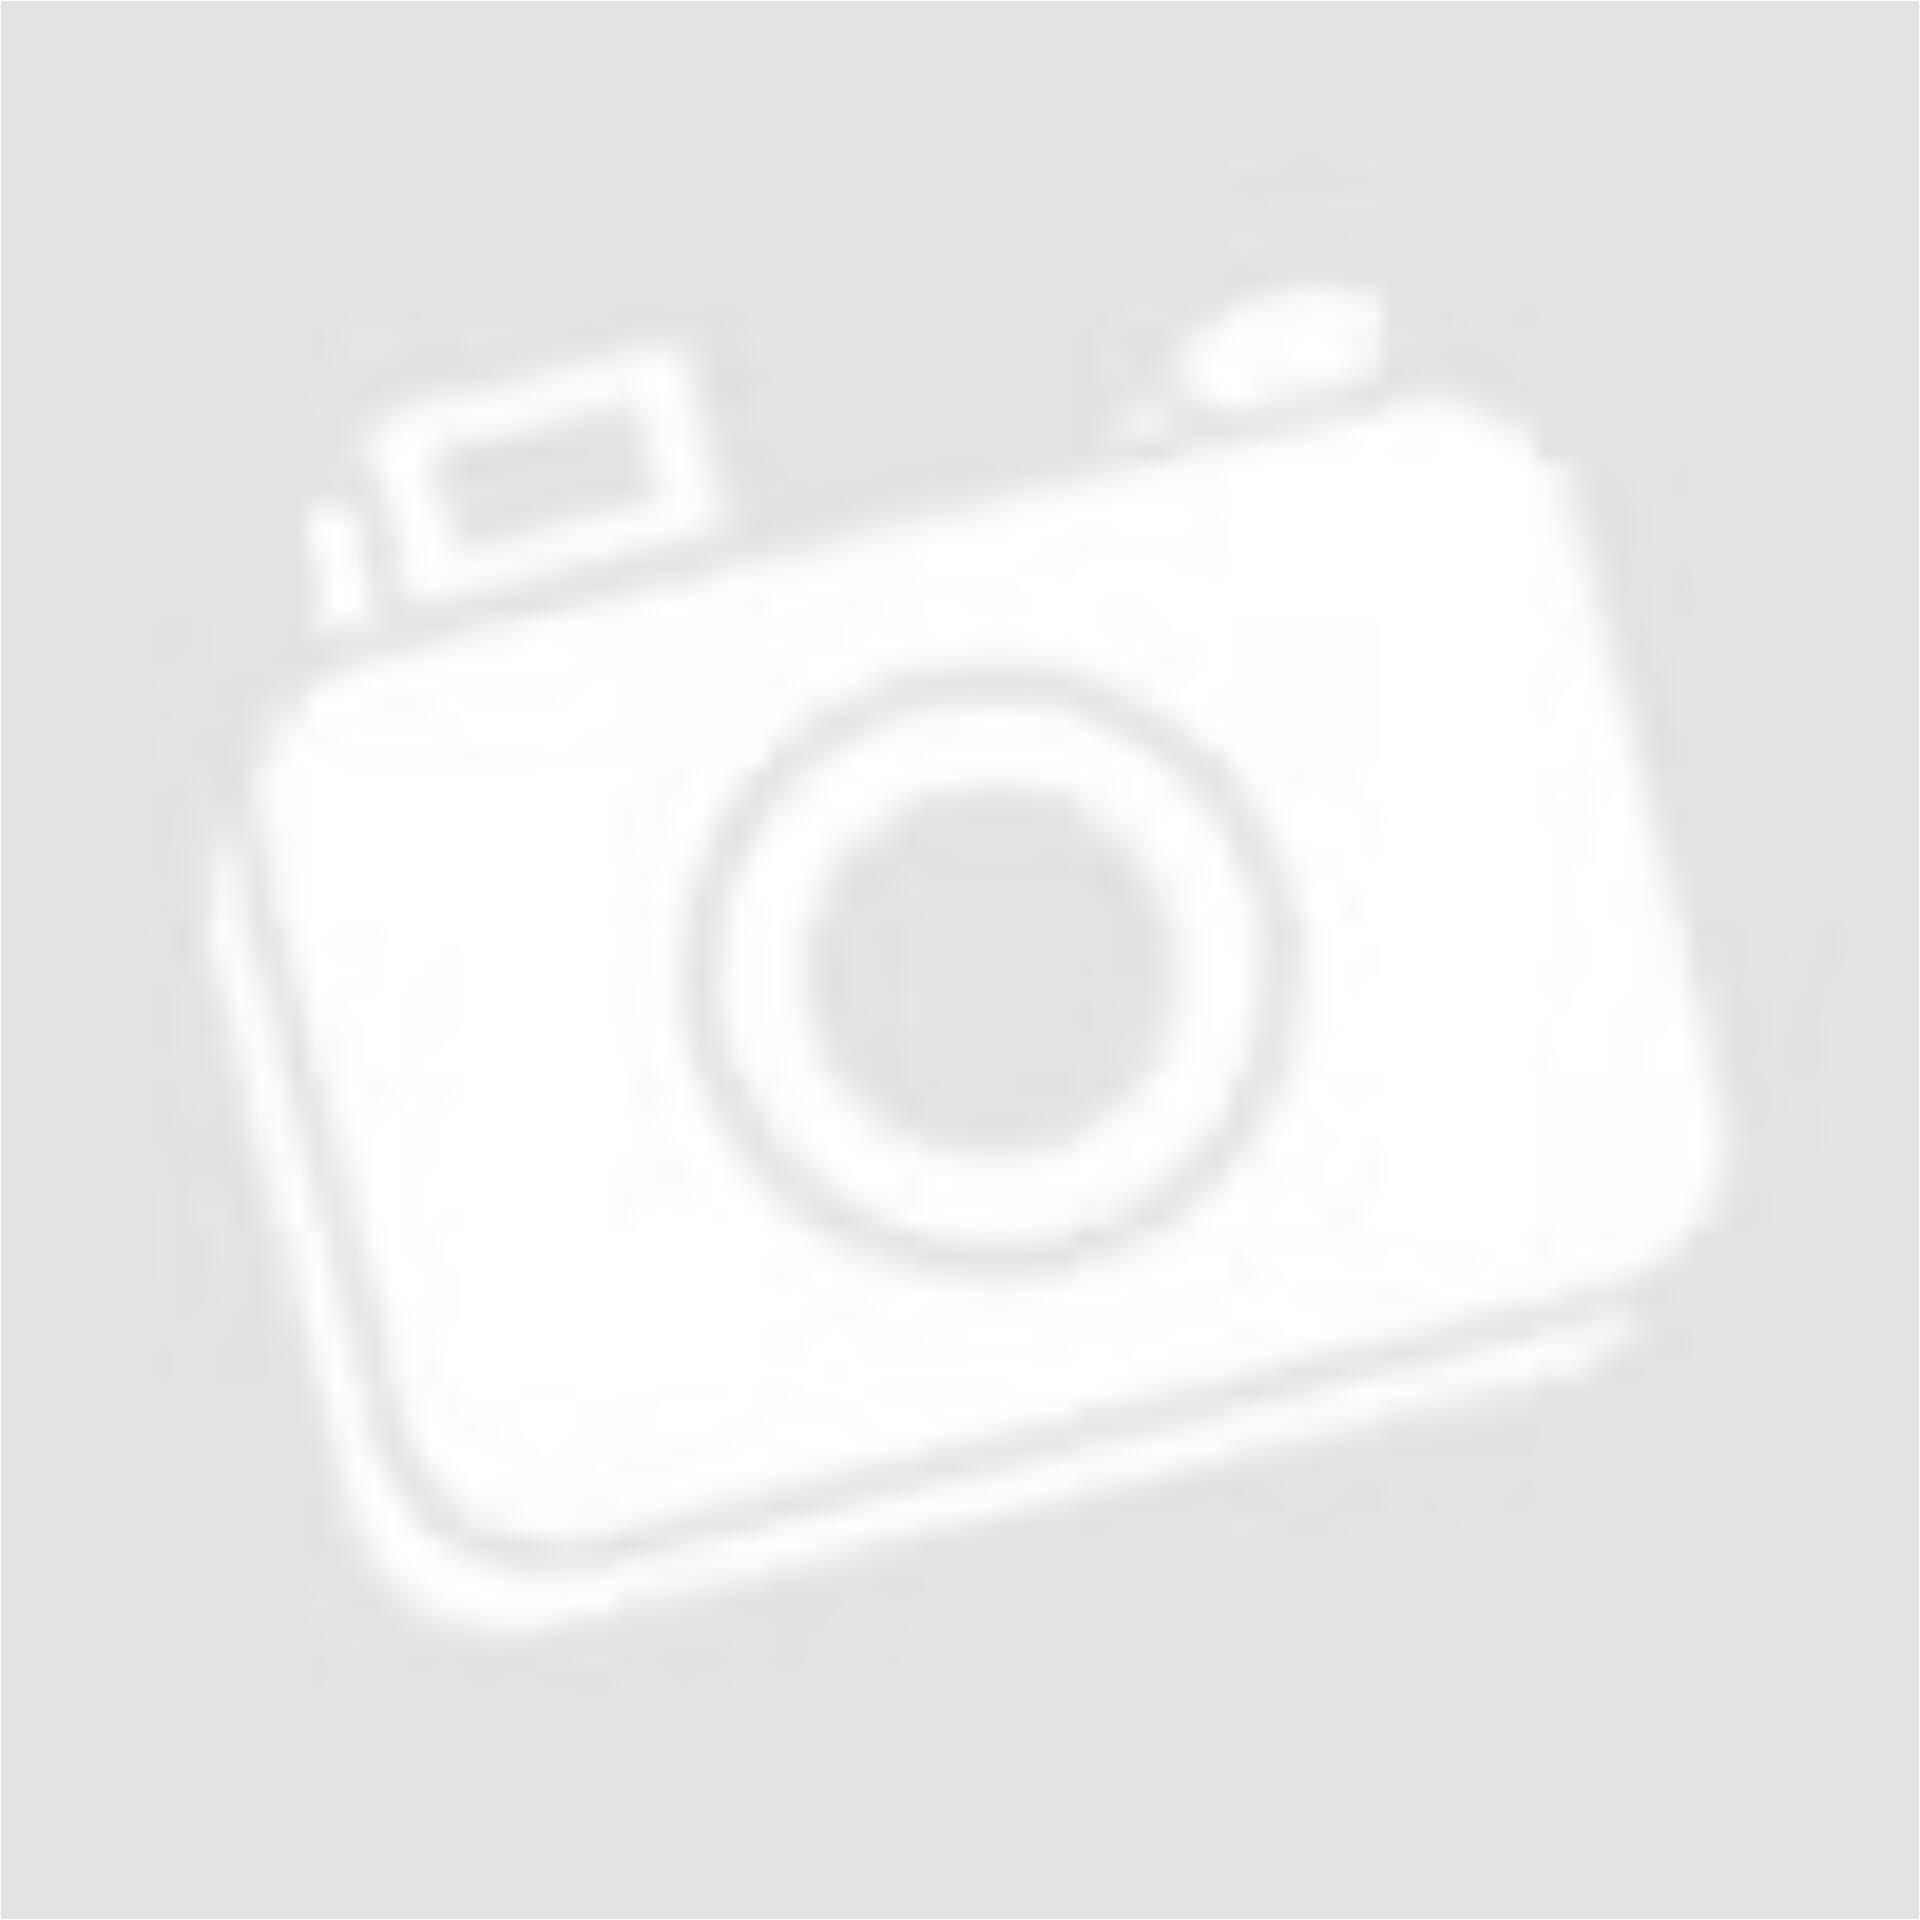 4b5606449d H&M szürke színű szoknya (Méret: M) - Szoknya - Öltözz ki webáruház ...